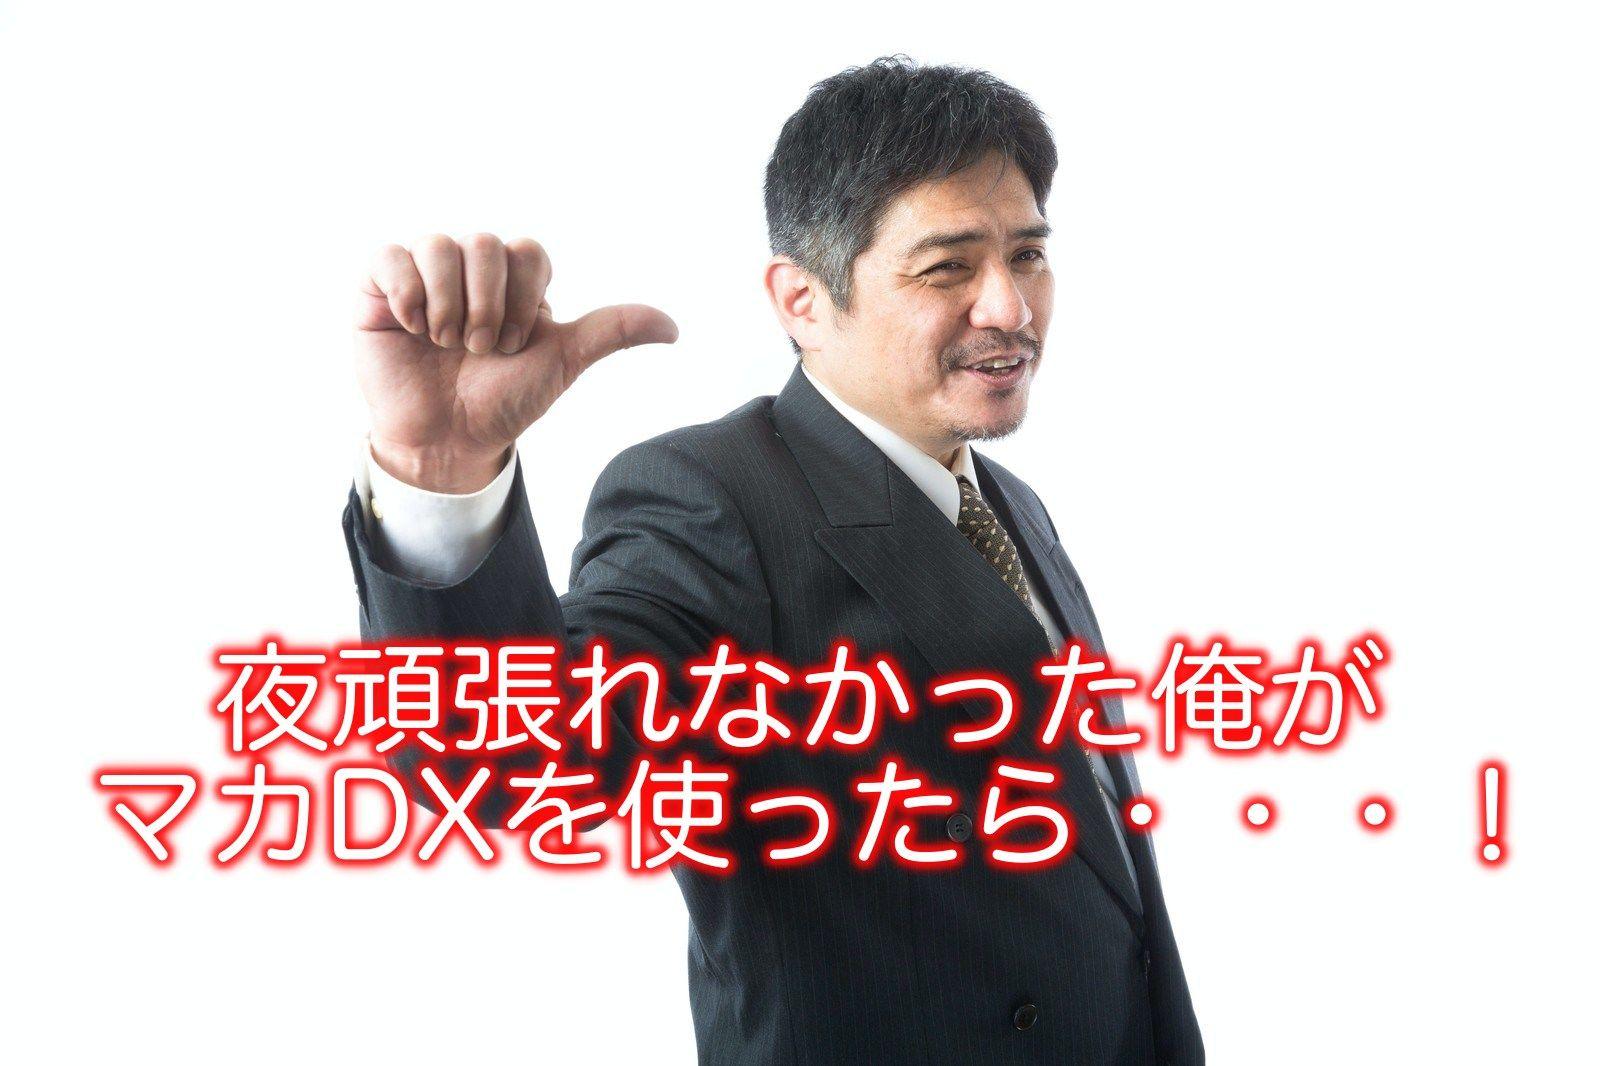 Dx モデル マカ